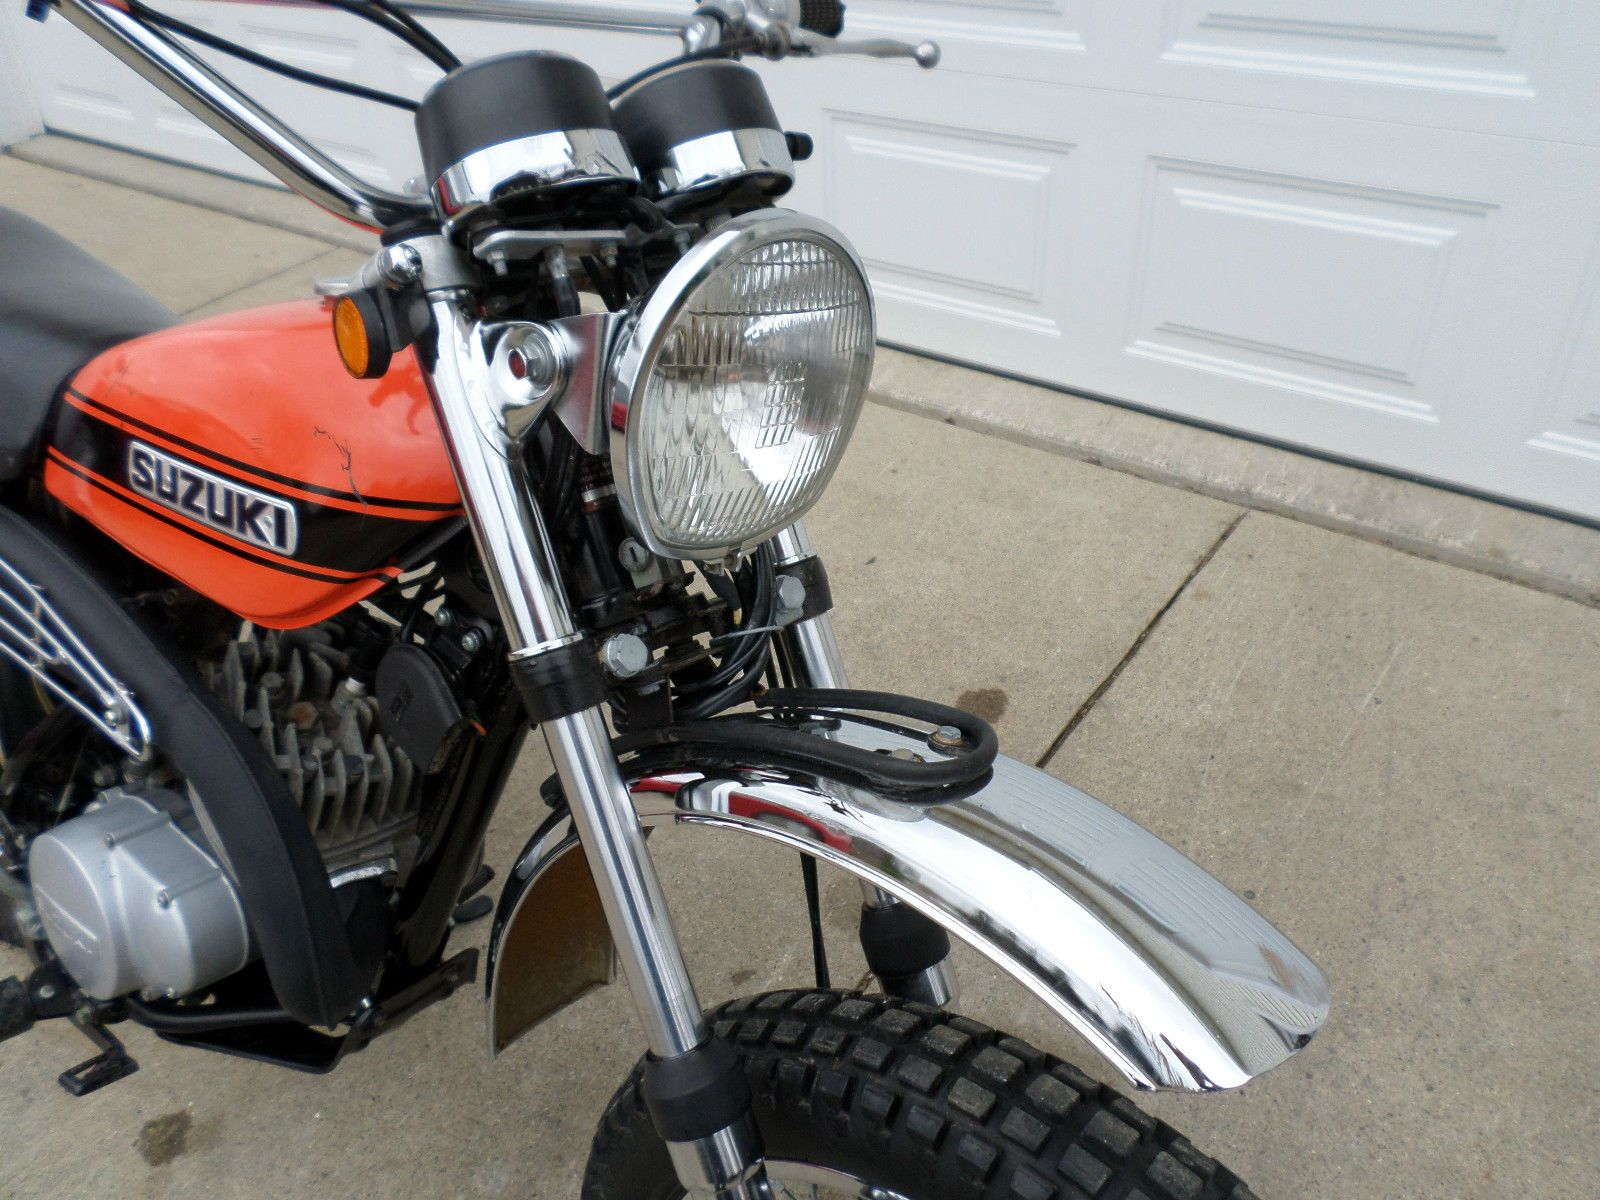 Details about 2004 Suzuki Other | Motorbikes | Motorcycle